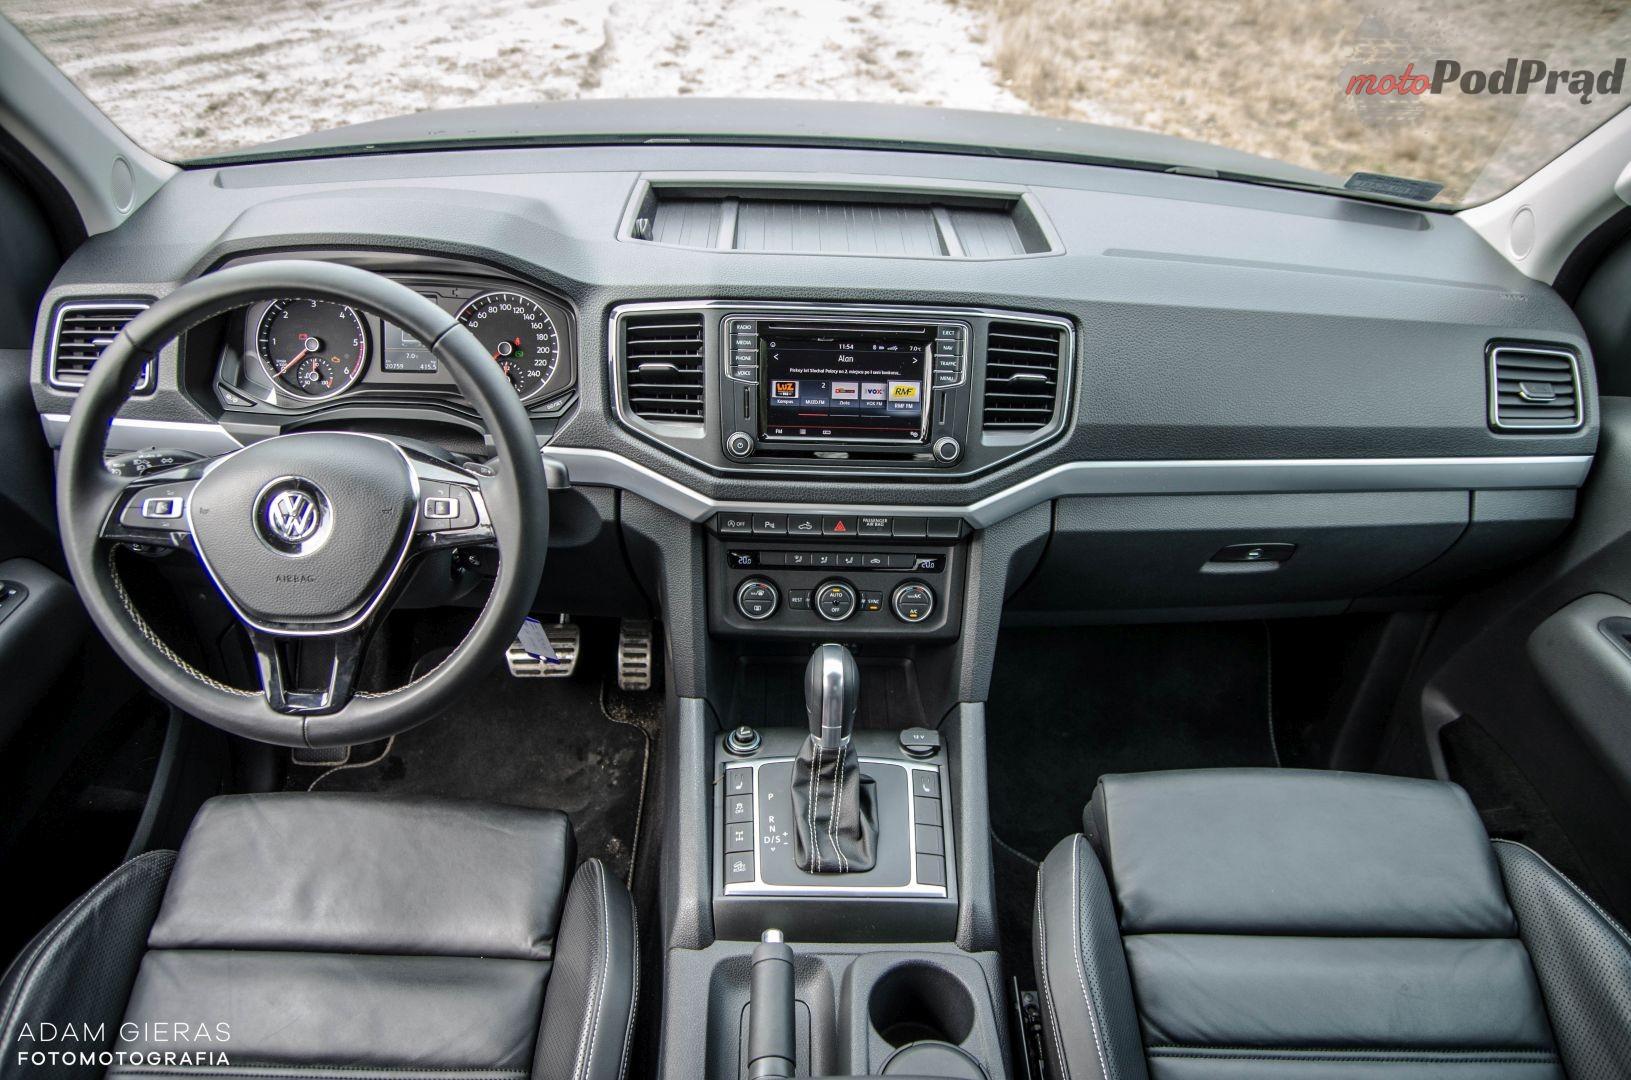 vw amarok 17 Test: Volkswagen Amarok 3.0 V6 TDI Aventura – pakt z wilkami